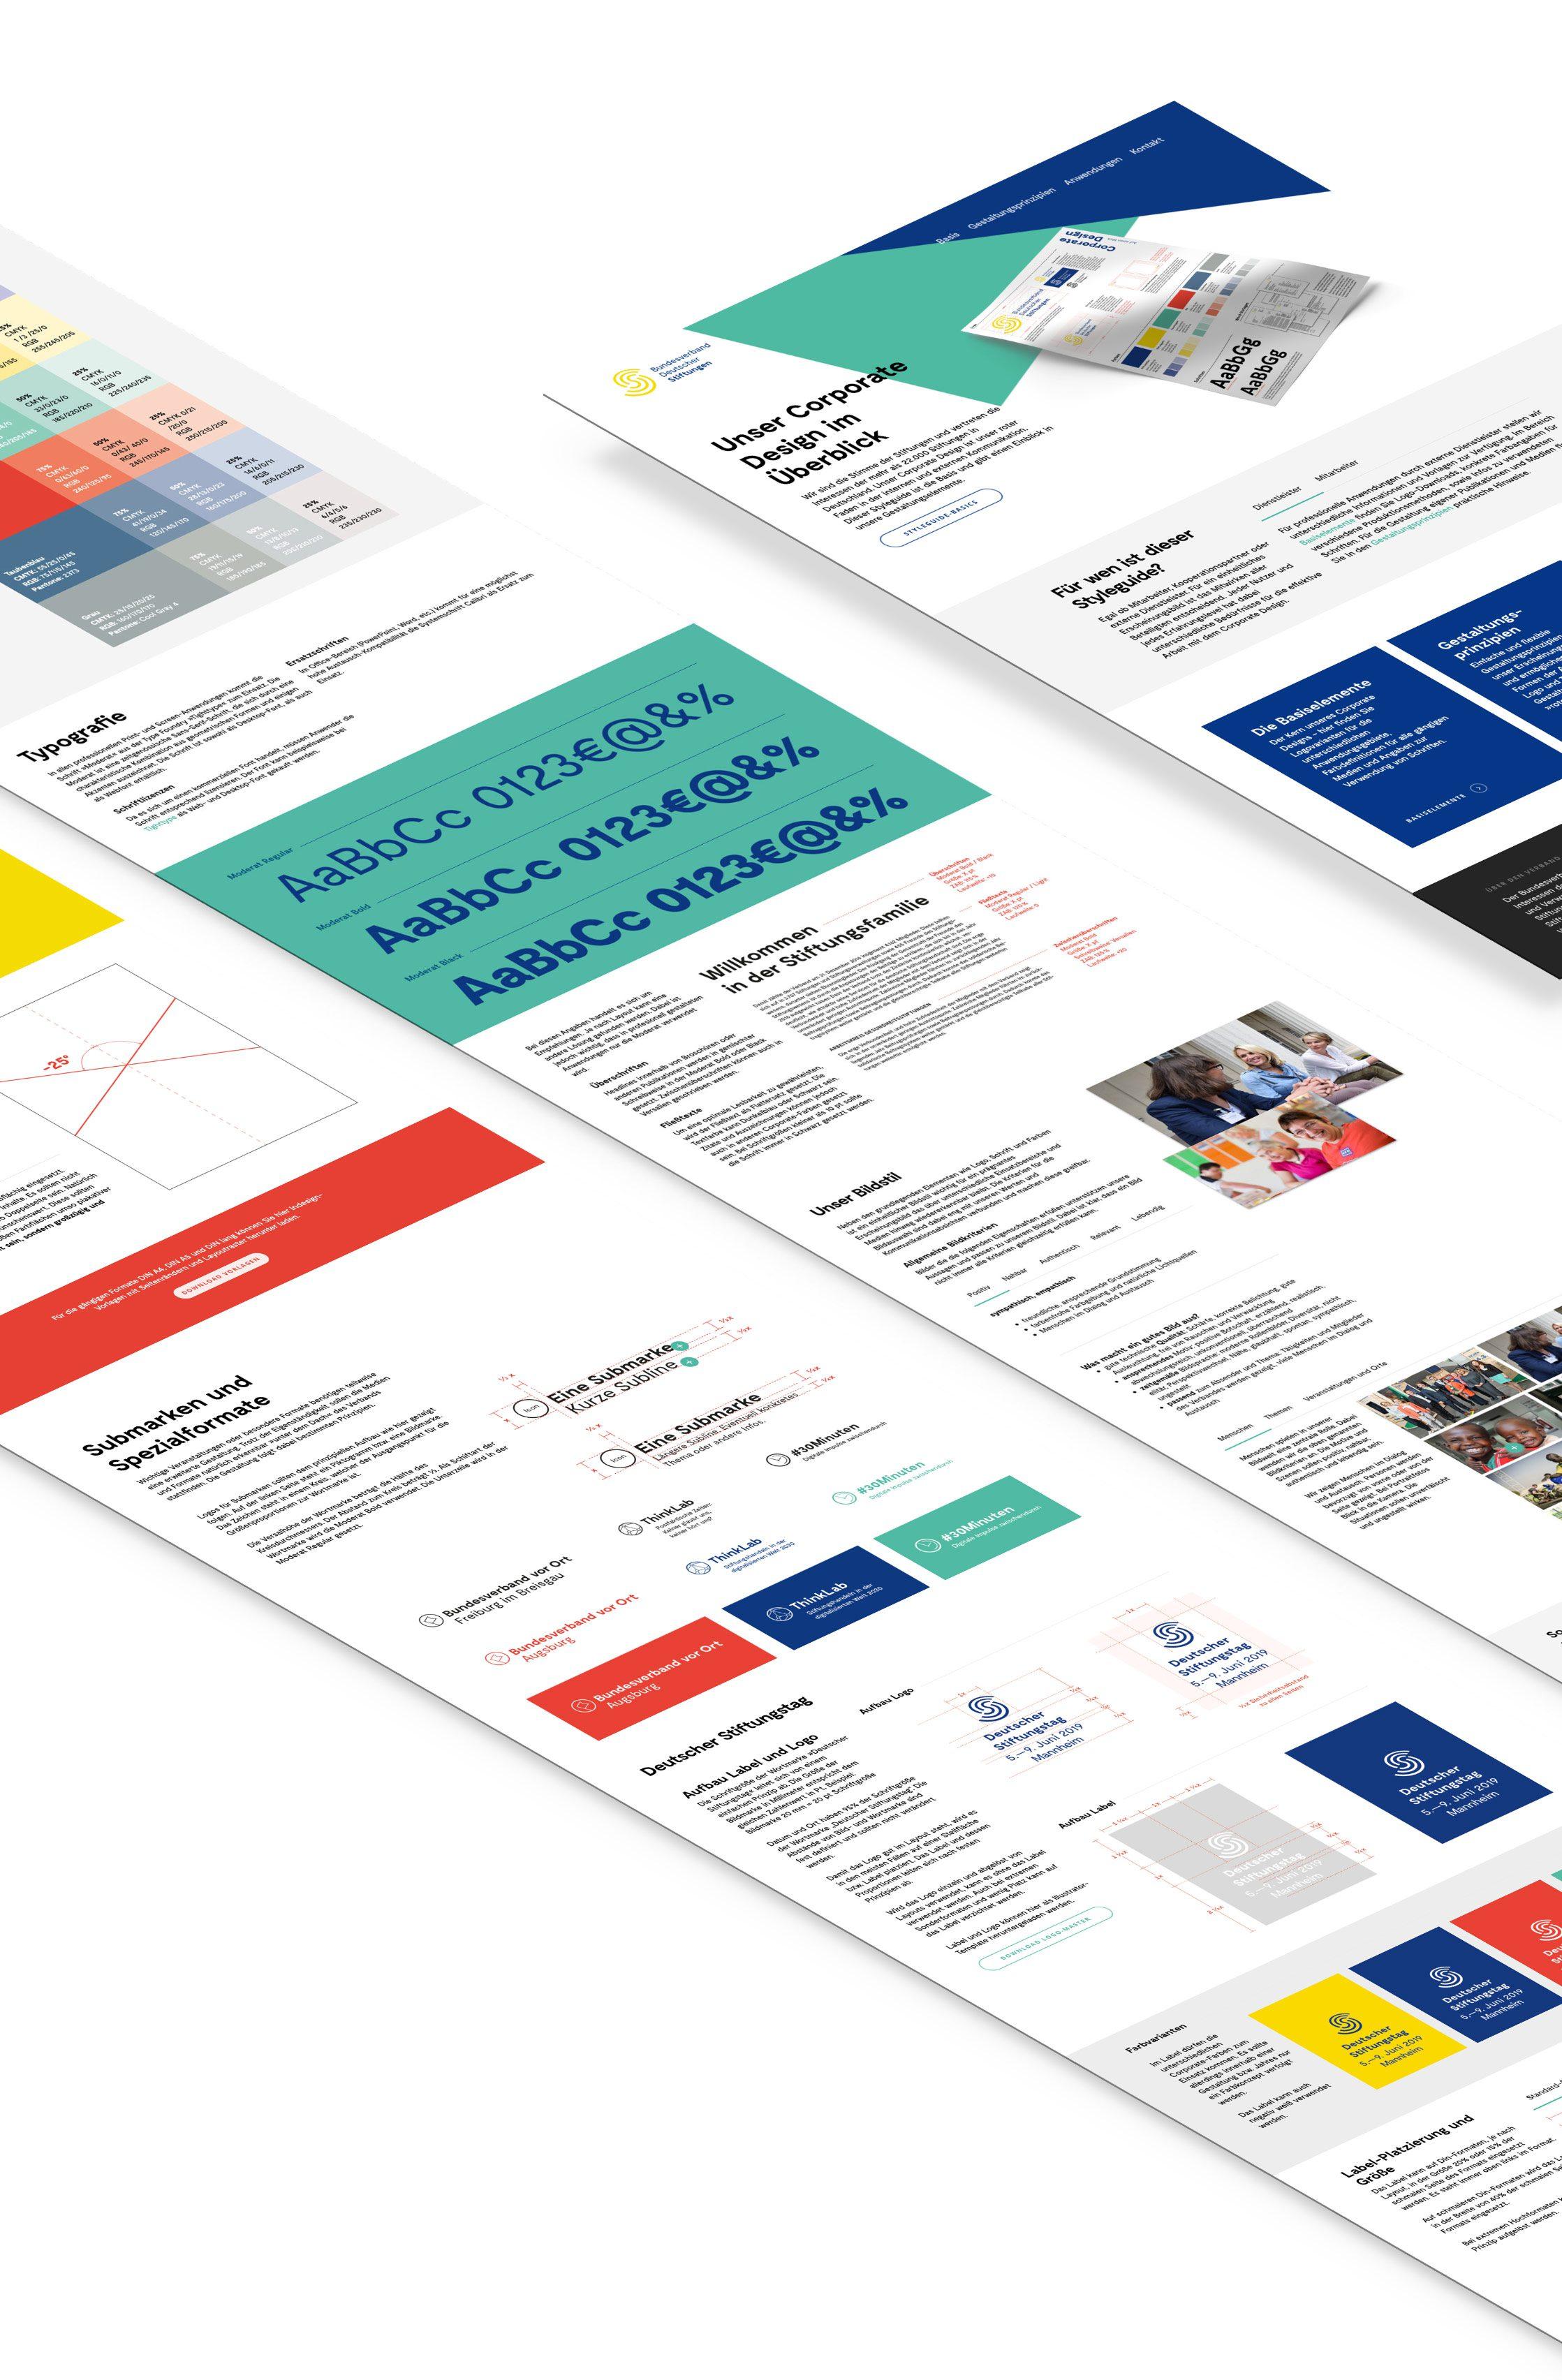 Corporate Design Leitfaden für Bundesverband Deutscher Stiftungen auf Basis von Wordpress